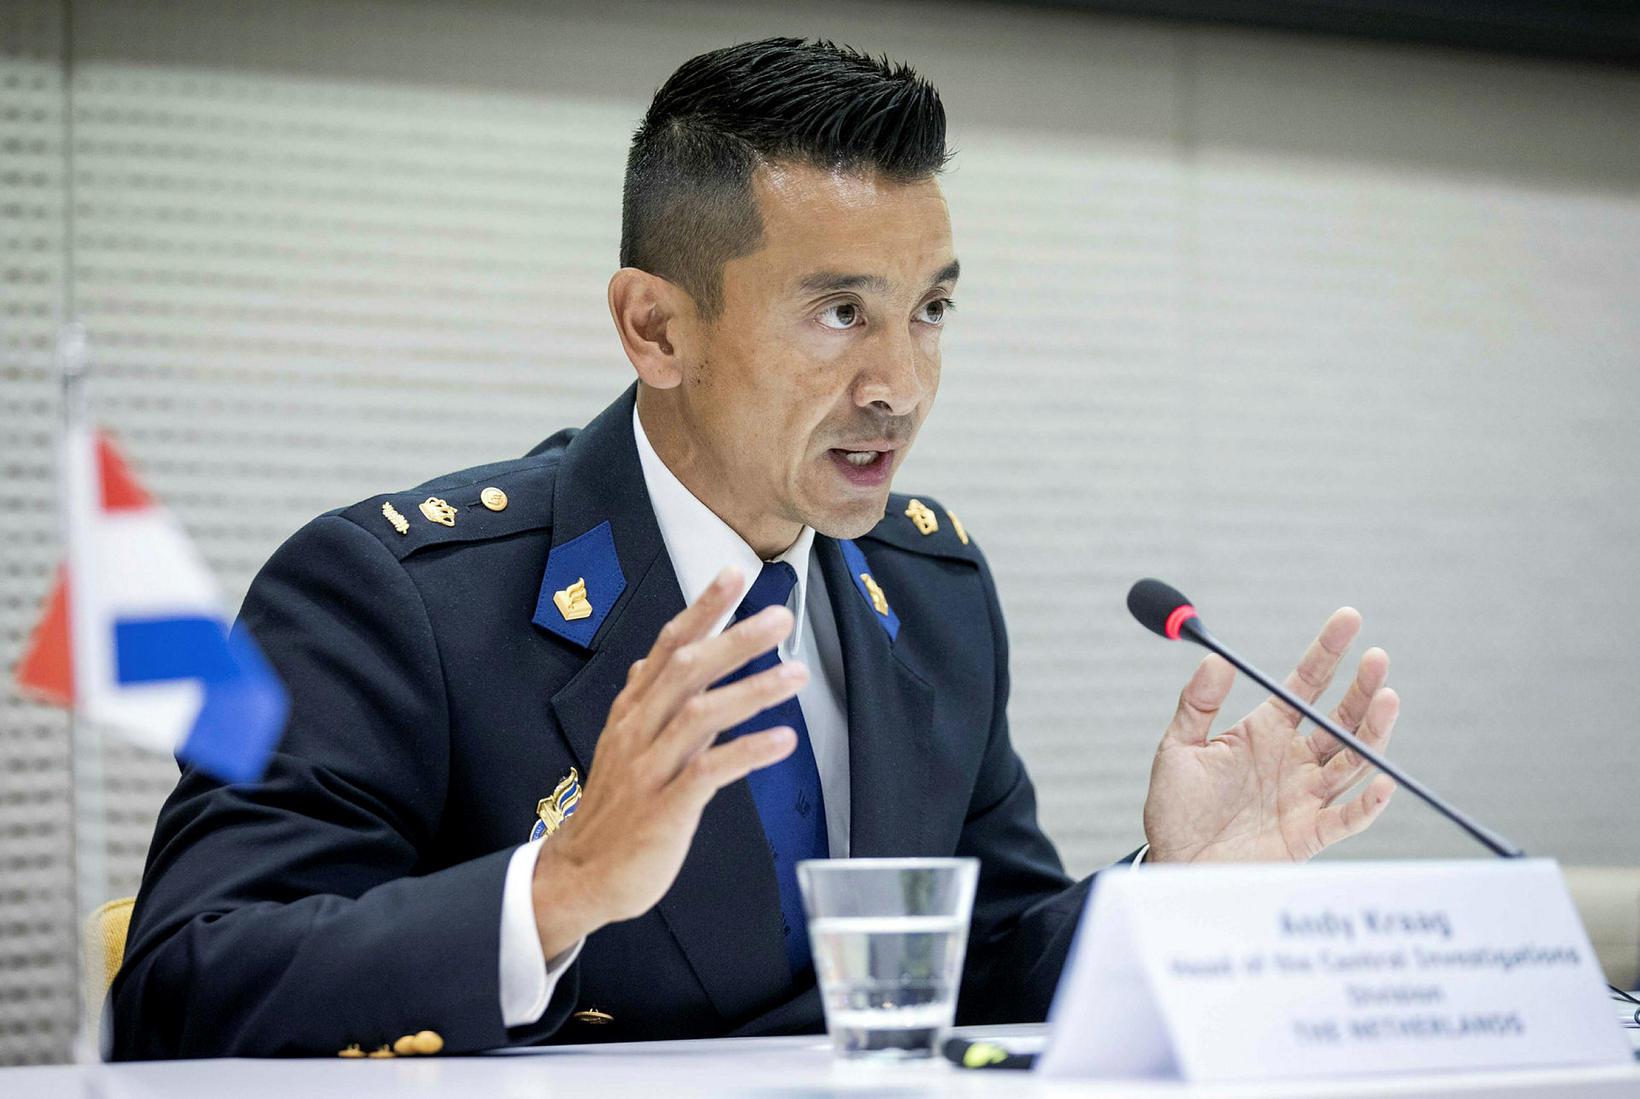 Wil van Gemert, aðstoðarforstjóri Europol.